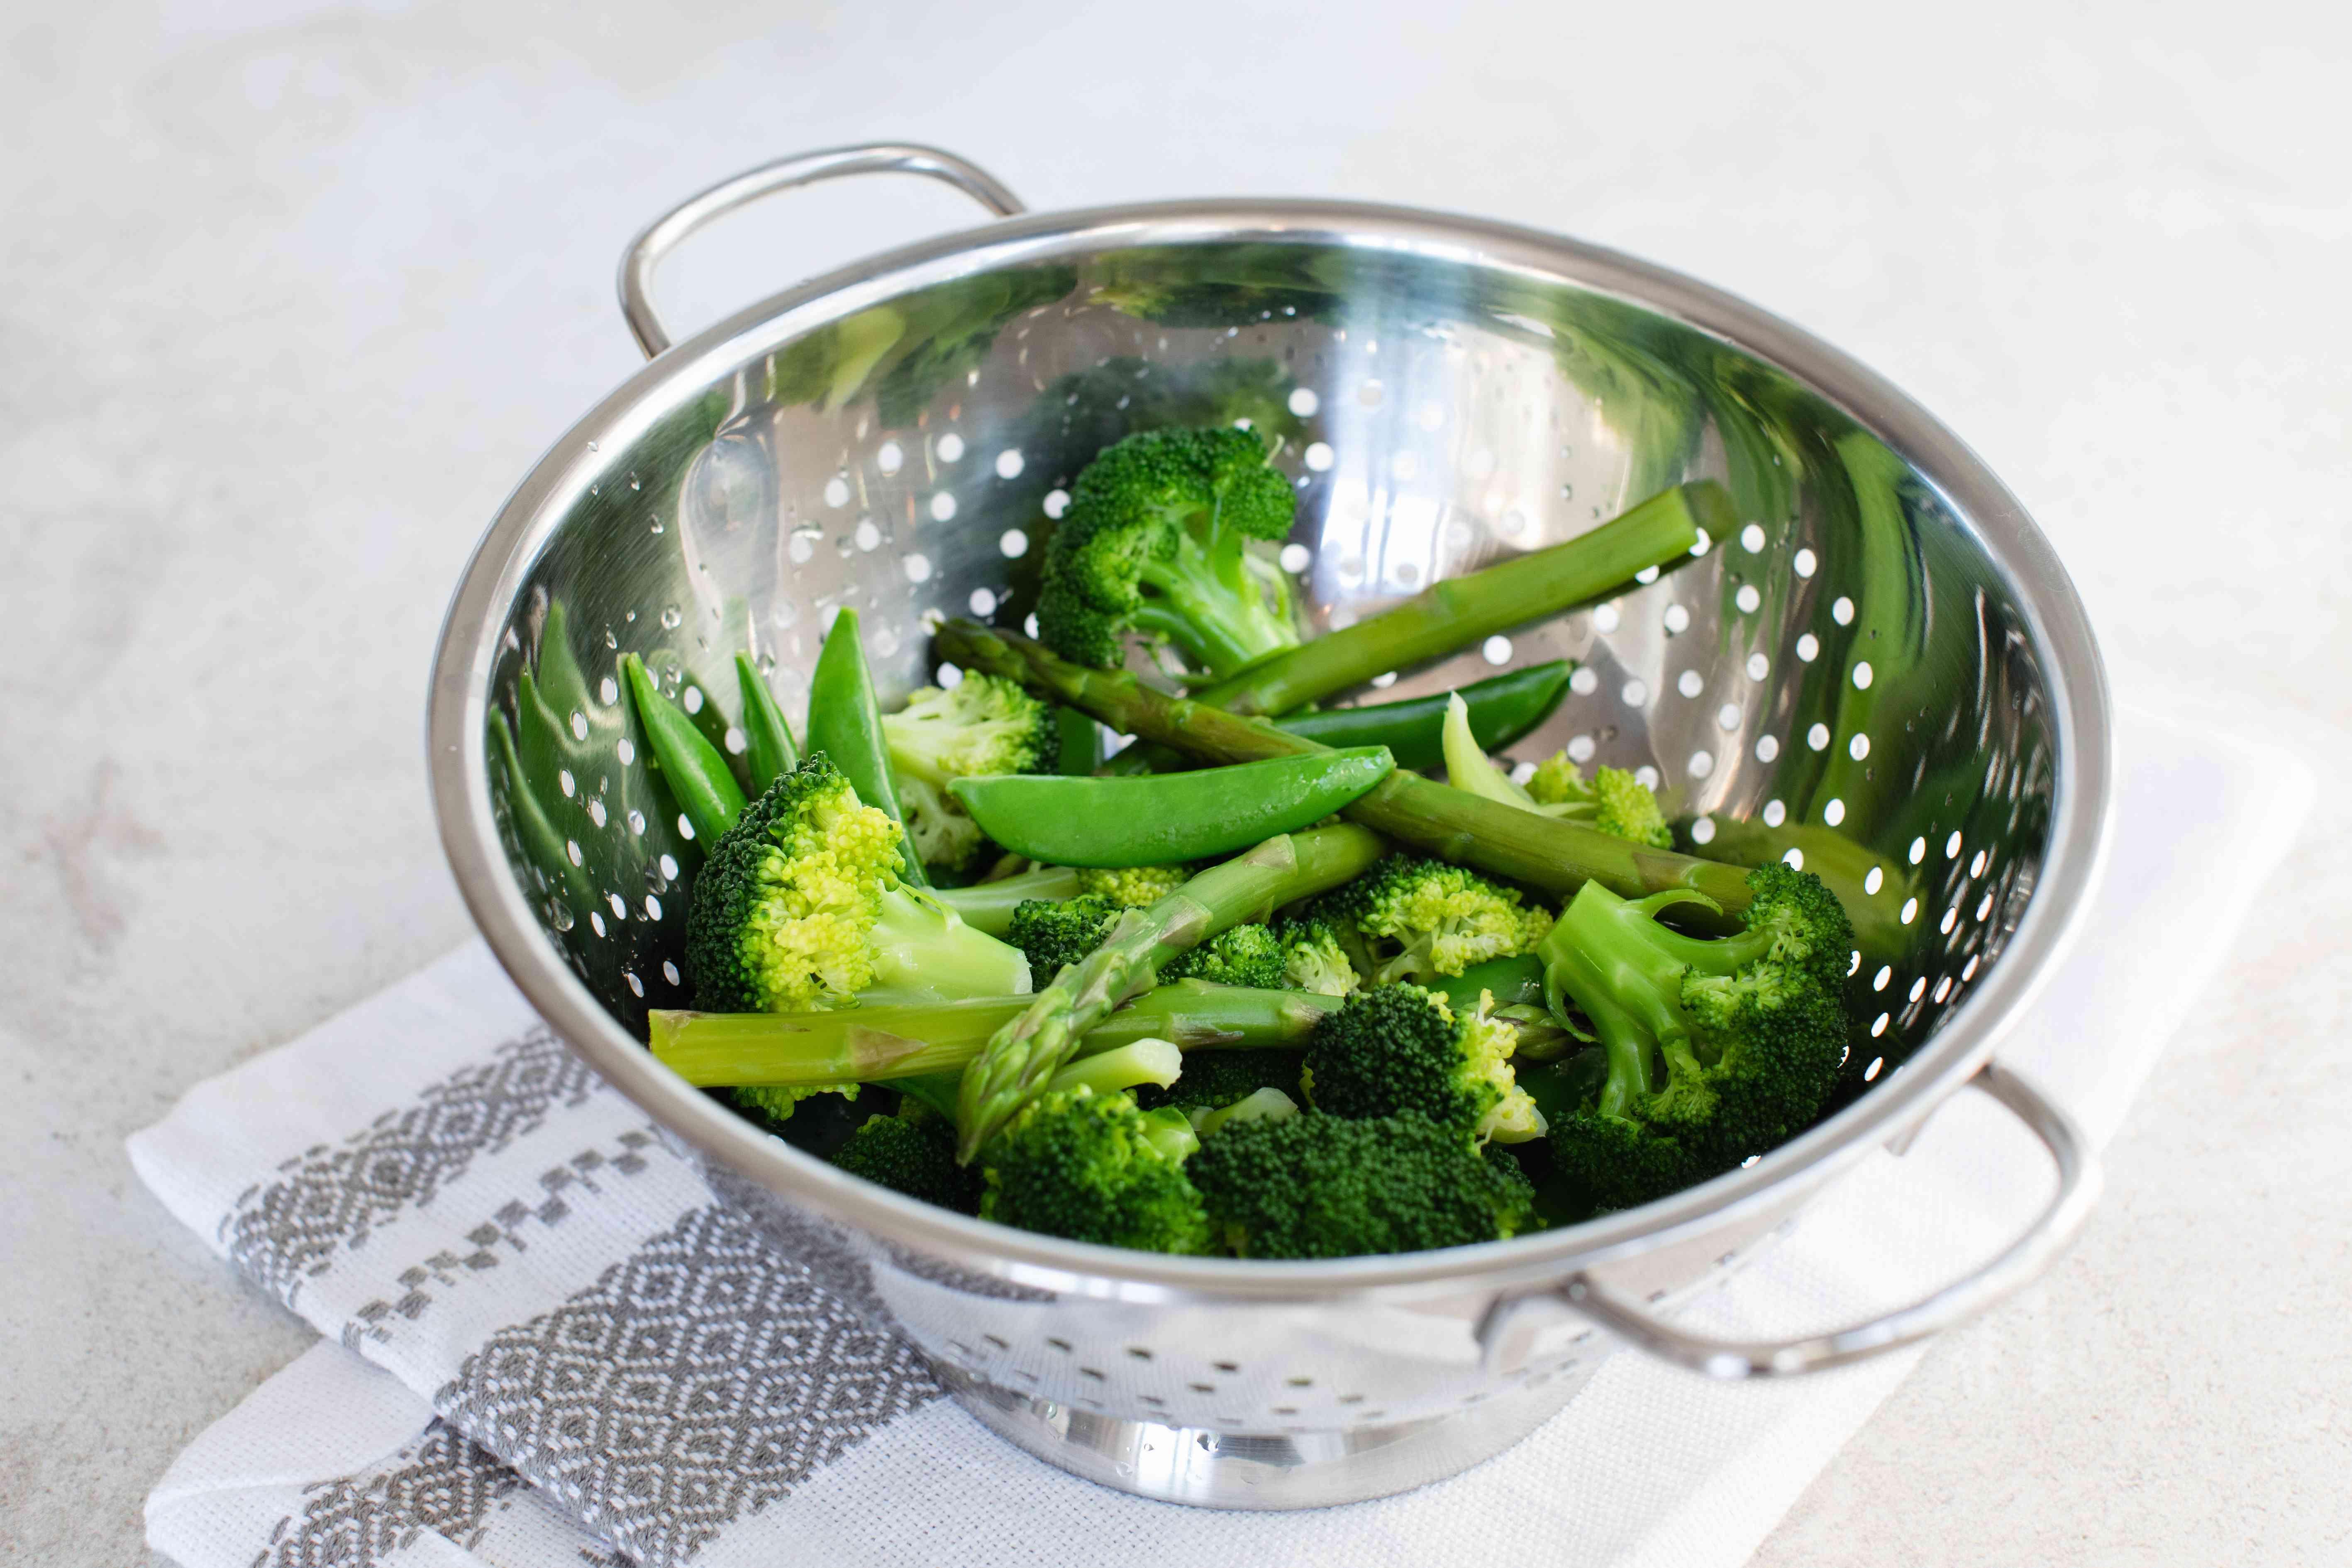 Blanched broccoli in a strainer for a pasta primavera recipe.